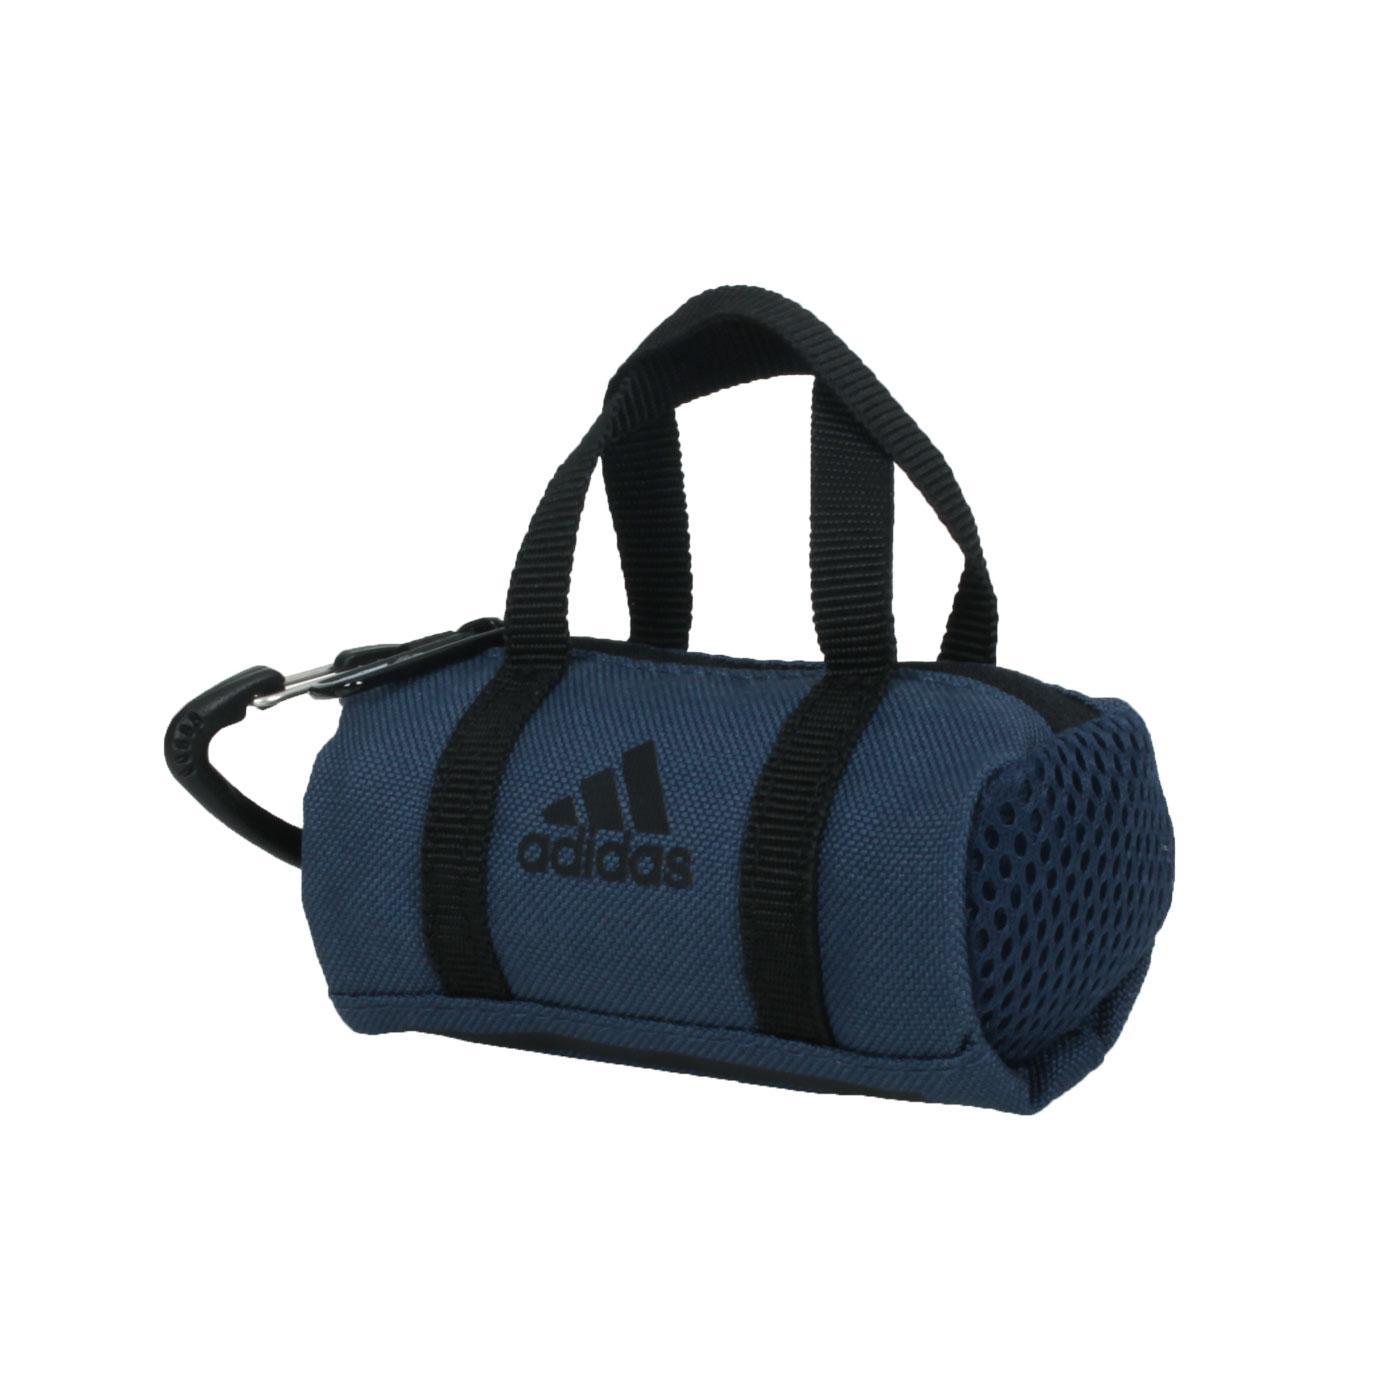 ADIDAS 迷你健身包 GL0879 - 丈青黑